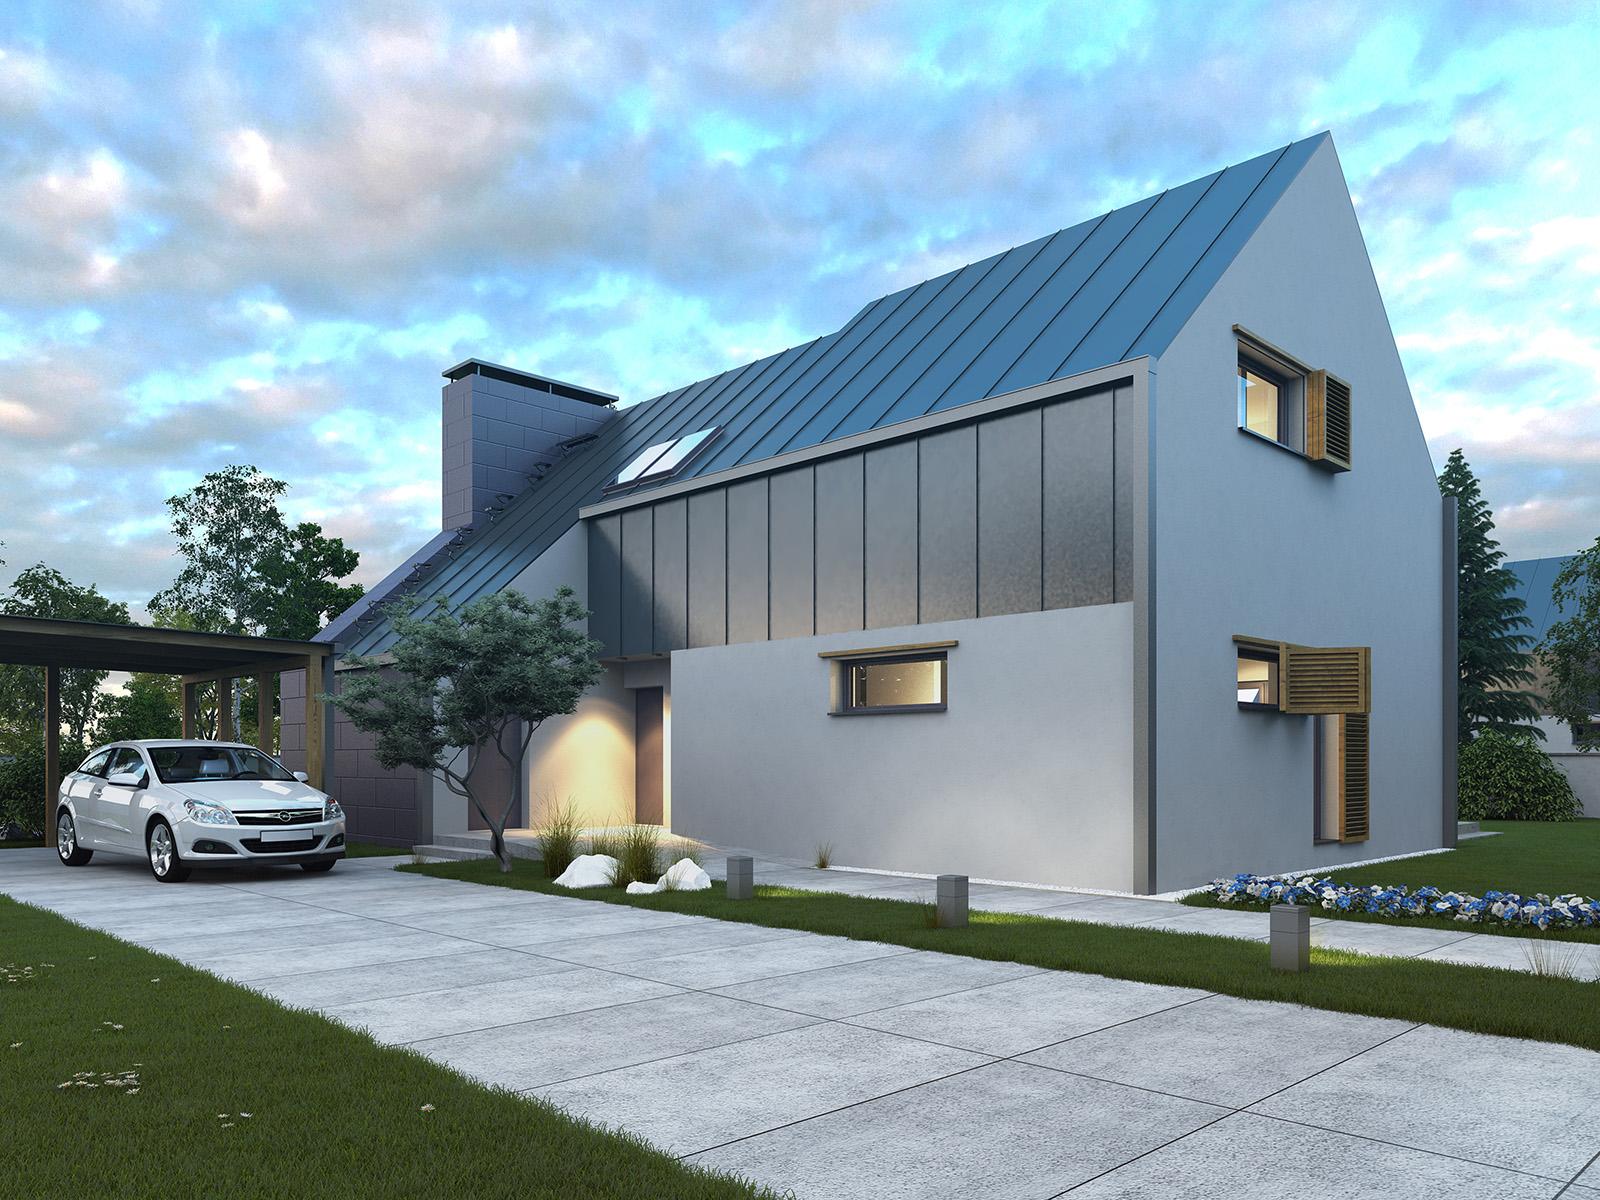 Projekt domu Z KOMINEM Domy Czystej Energii widok od frontu